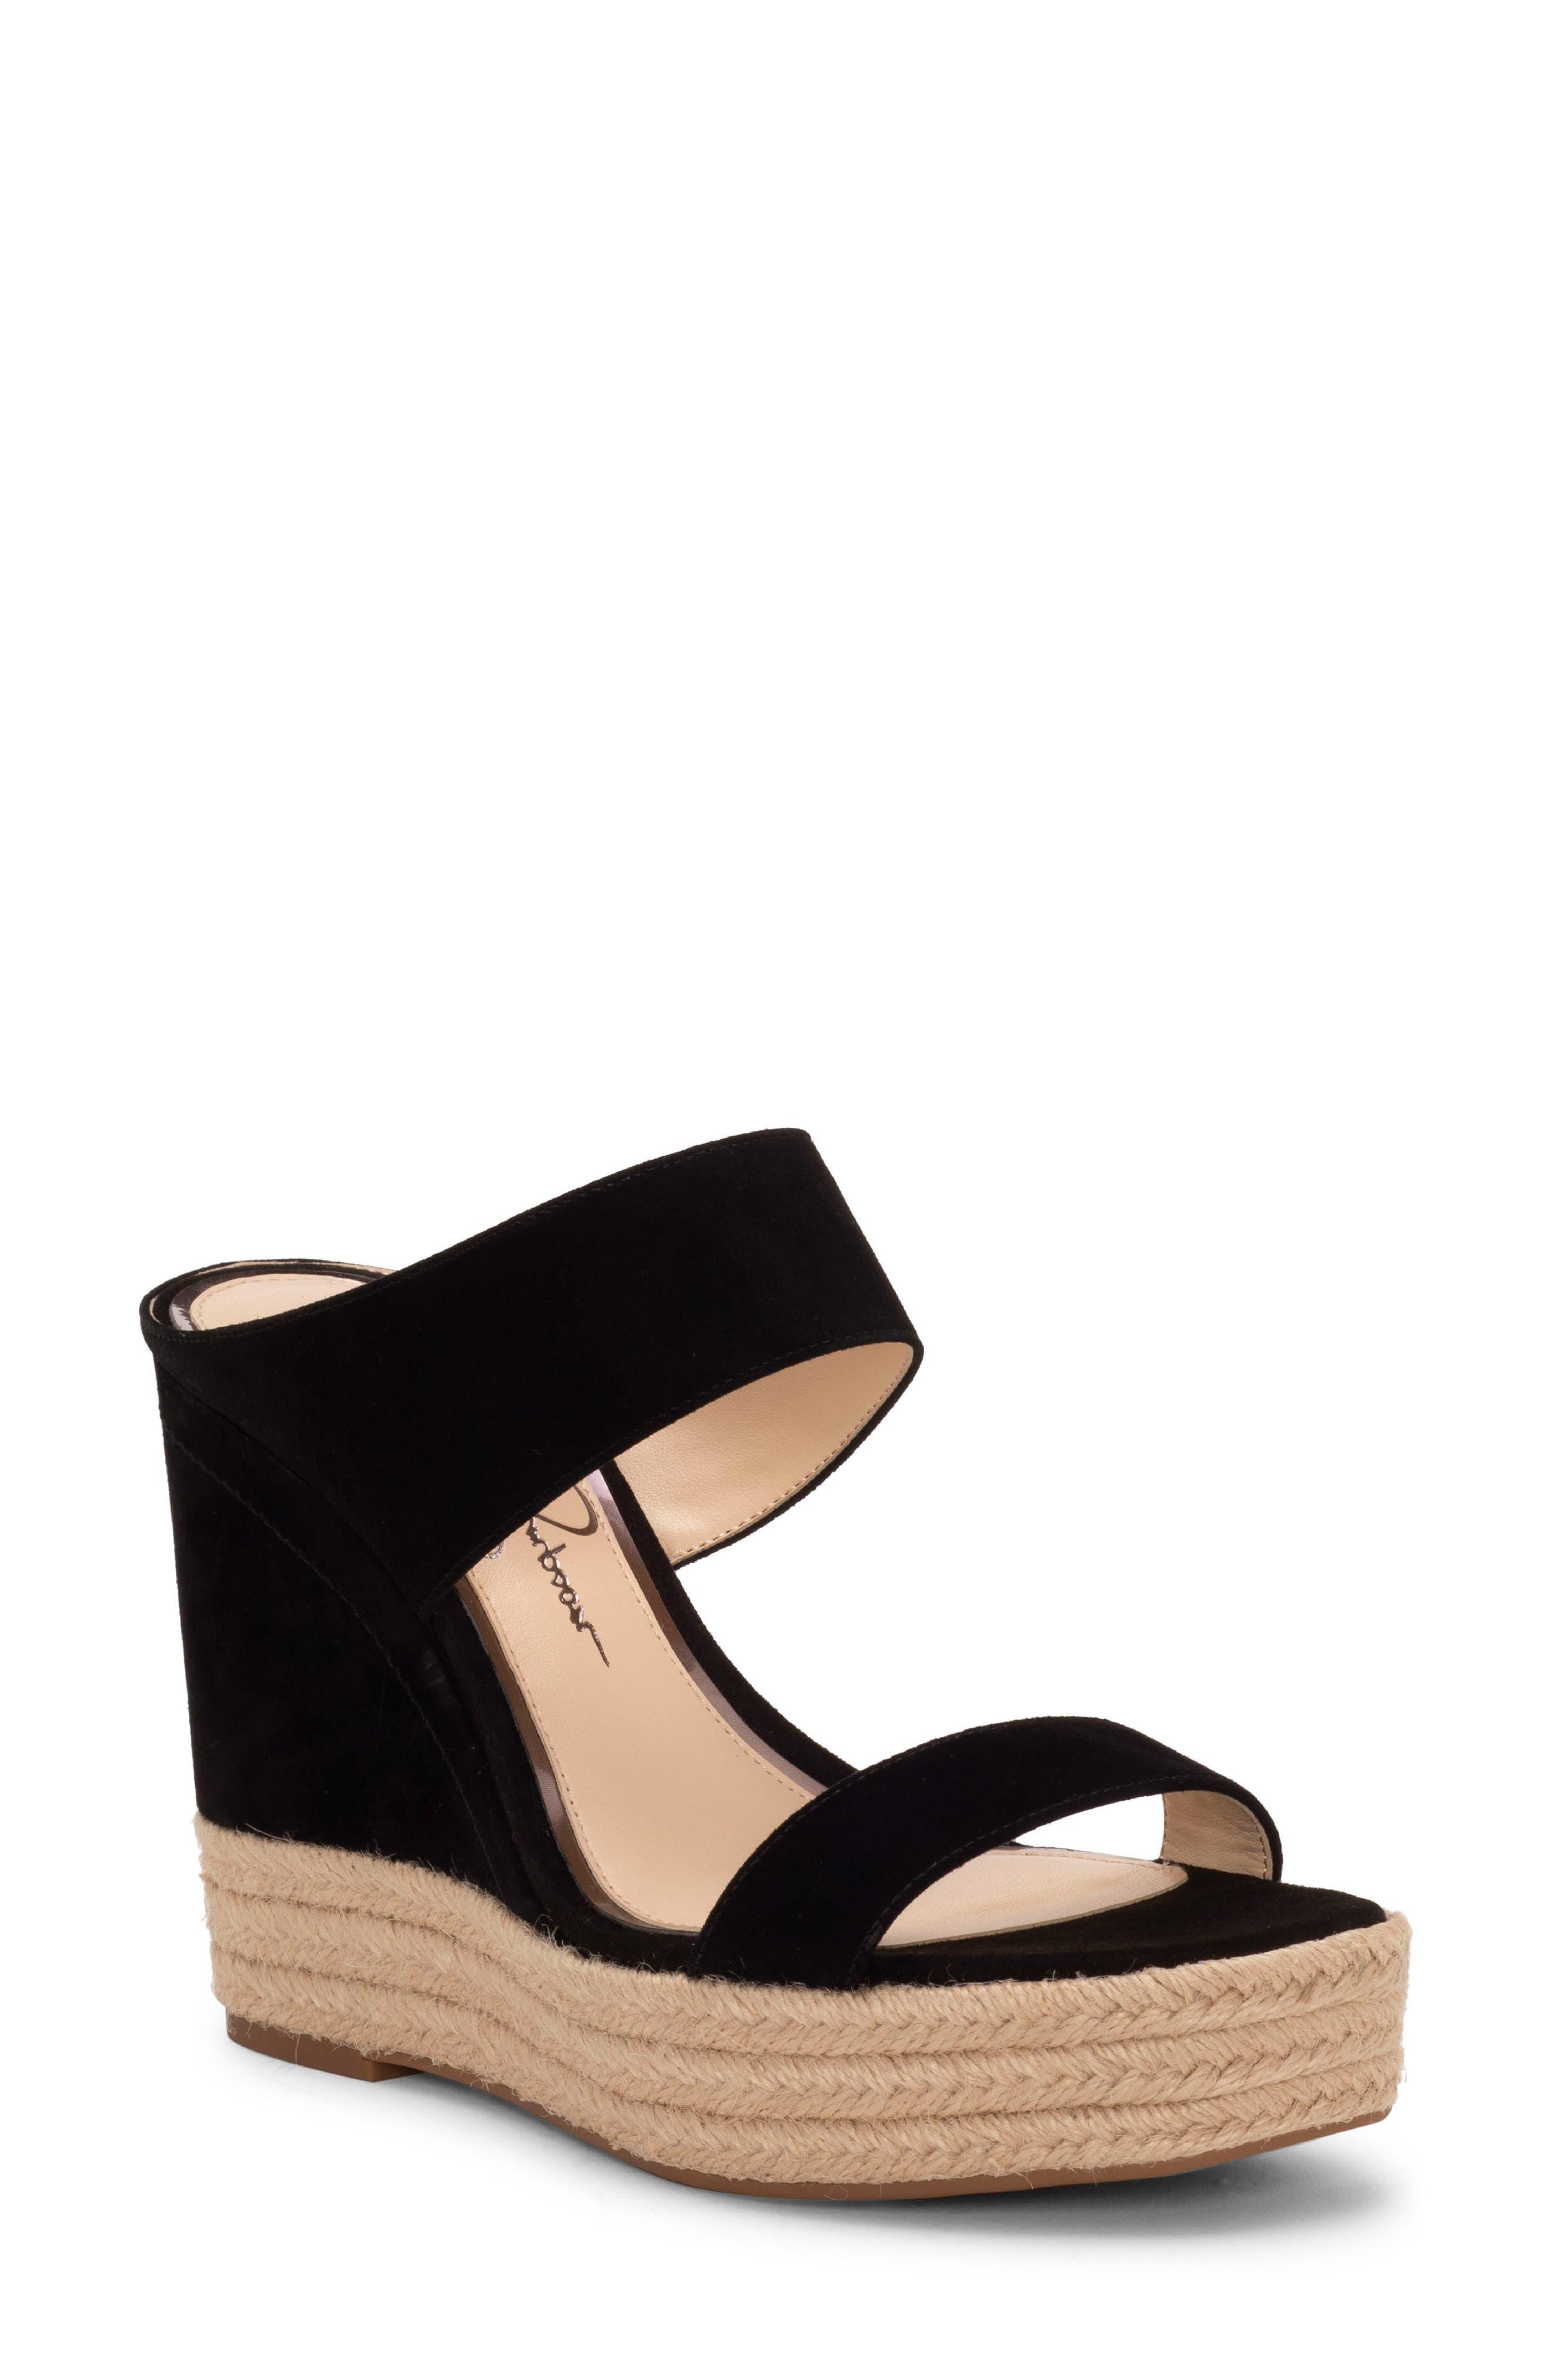 Jessica Simpson Siera Espadrille Wedge Slide Sandal, Black